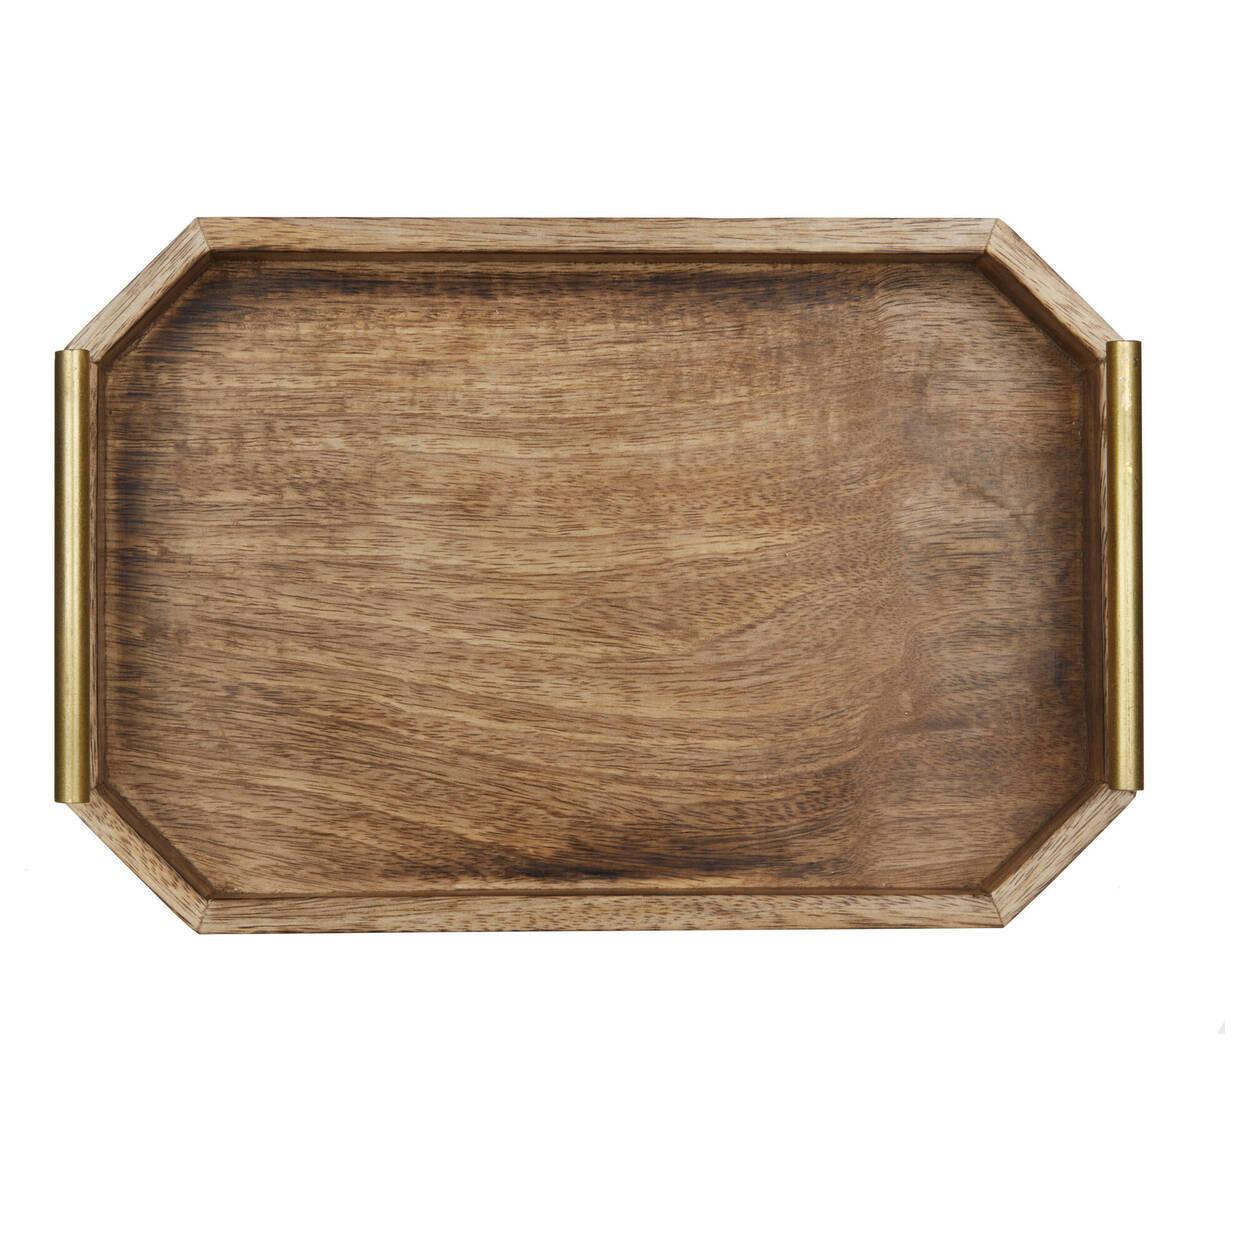 Plateau en bois avec poignées